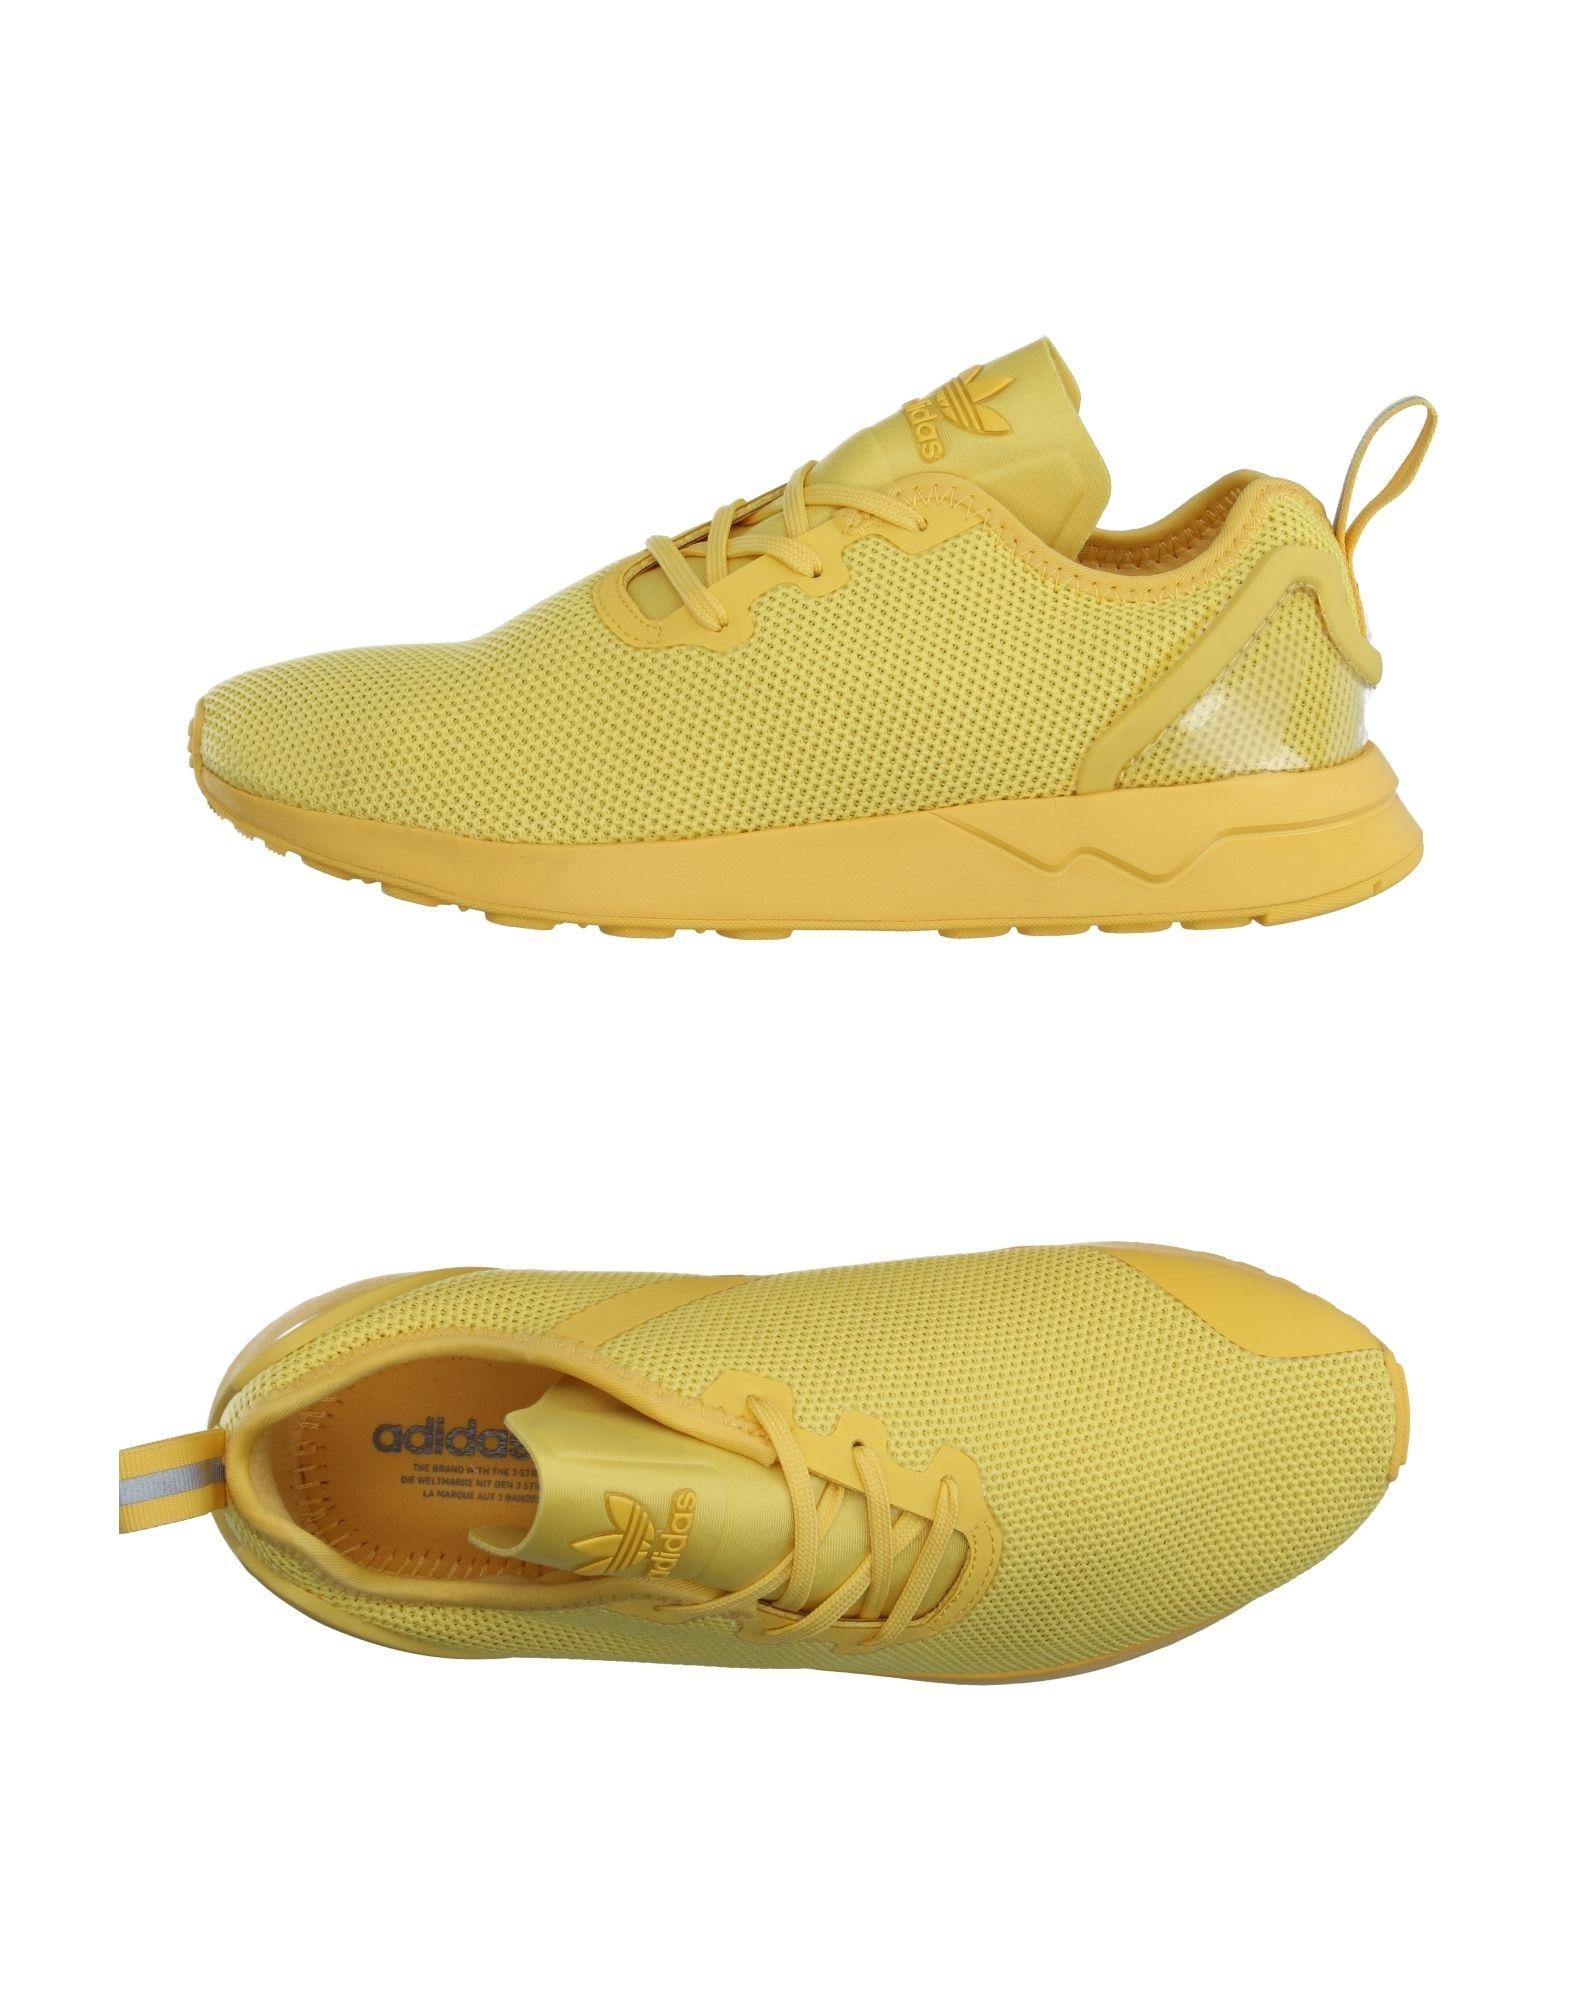 Rabatt Originals echte Schuhe Adidas Originals Rabatt Sneakers Herren  11151947UD 1bc895